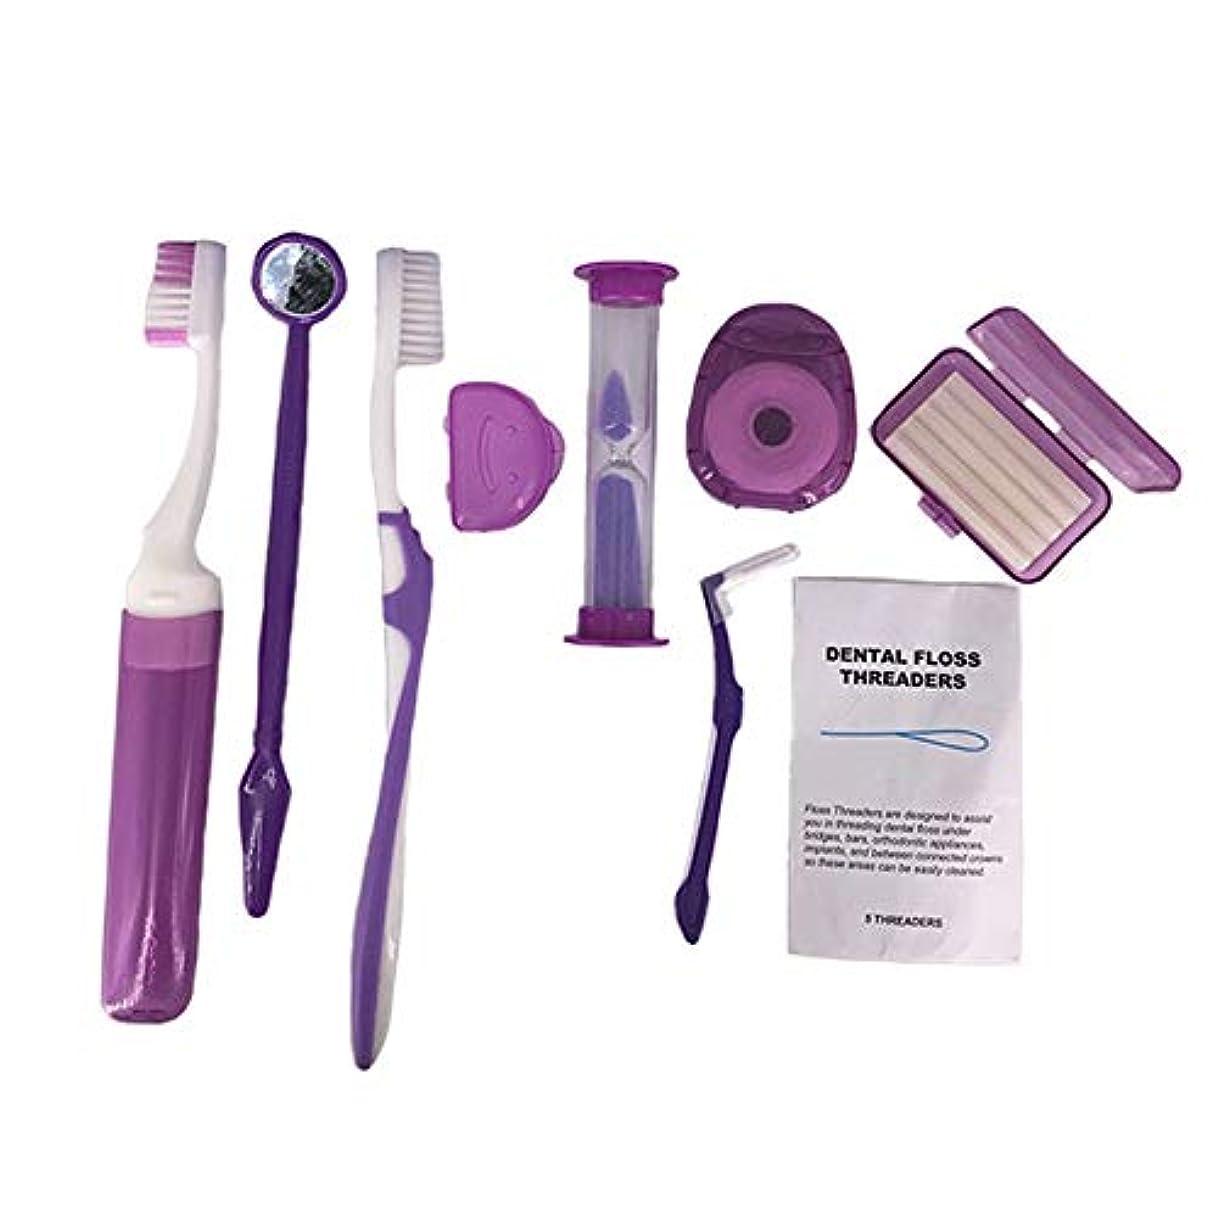 近代化本物の受け入れたZHQI-HEAL オーラルクリーンツール8ピース/オーラルケアキット歯ホワイトニングスーツ歯ブラシ歯間ブラシデンタルフロス口鏡061 (色 : Purple)